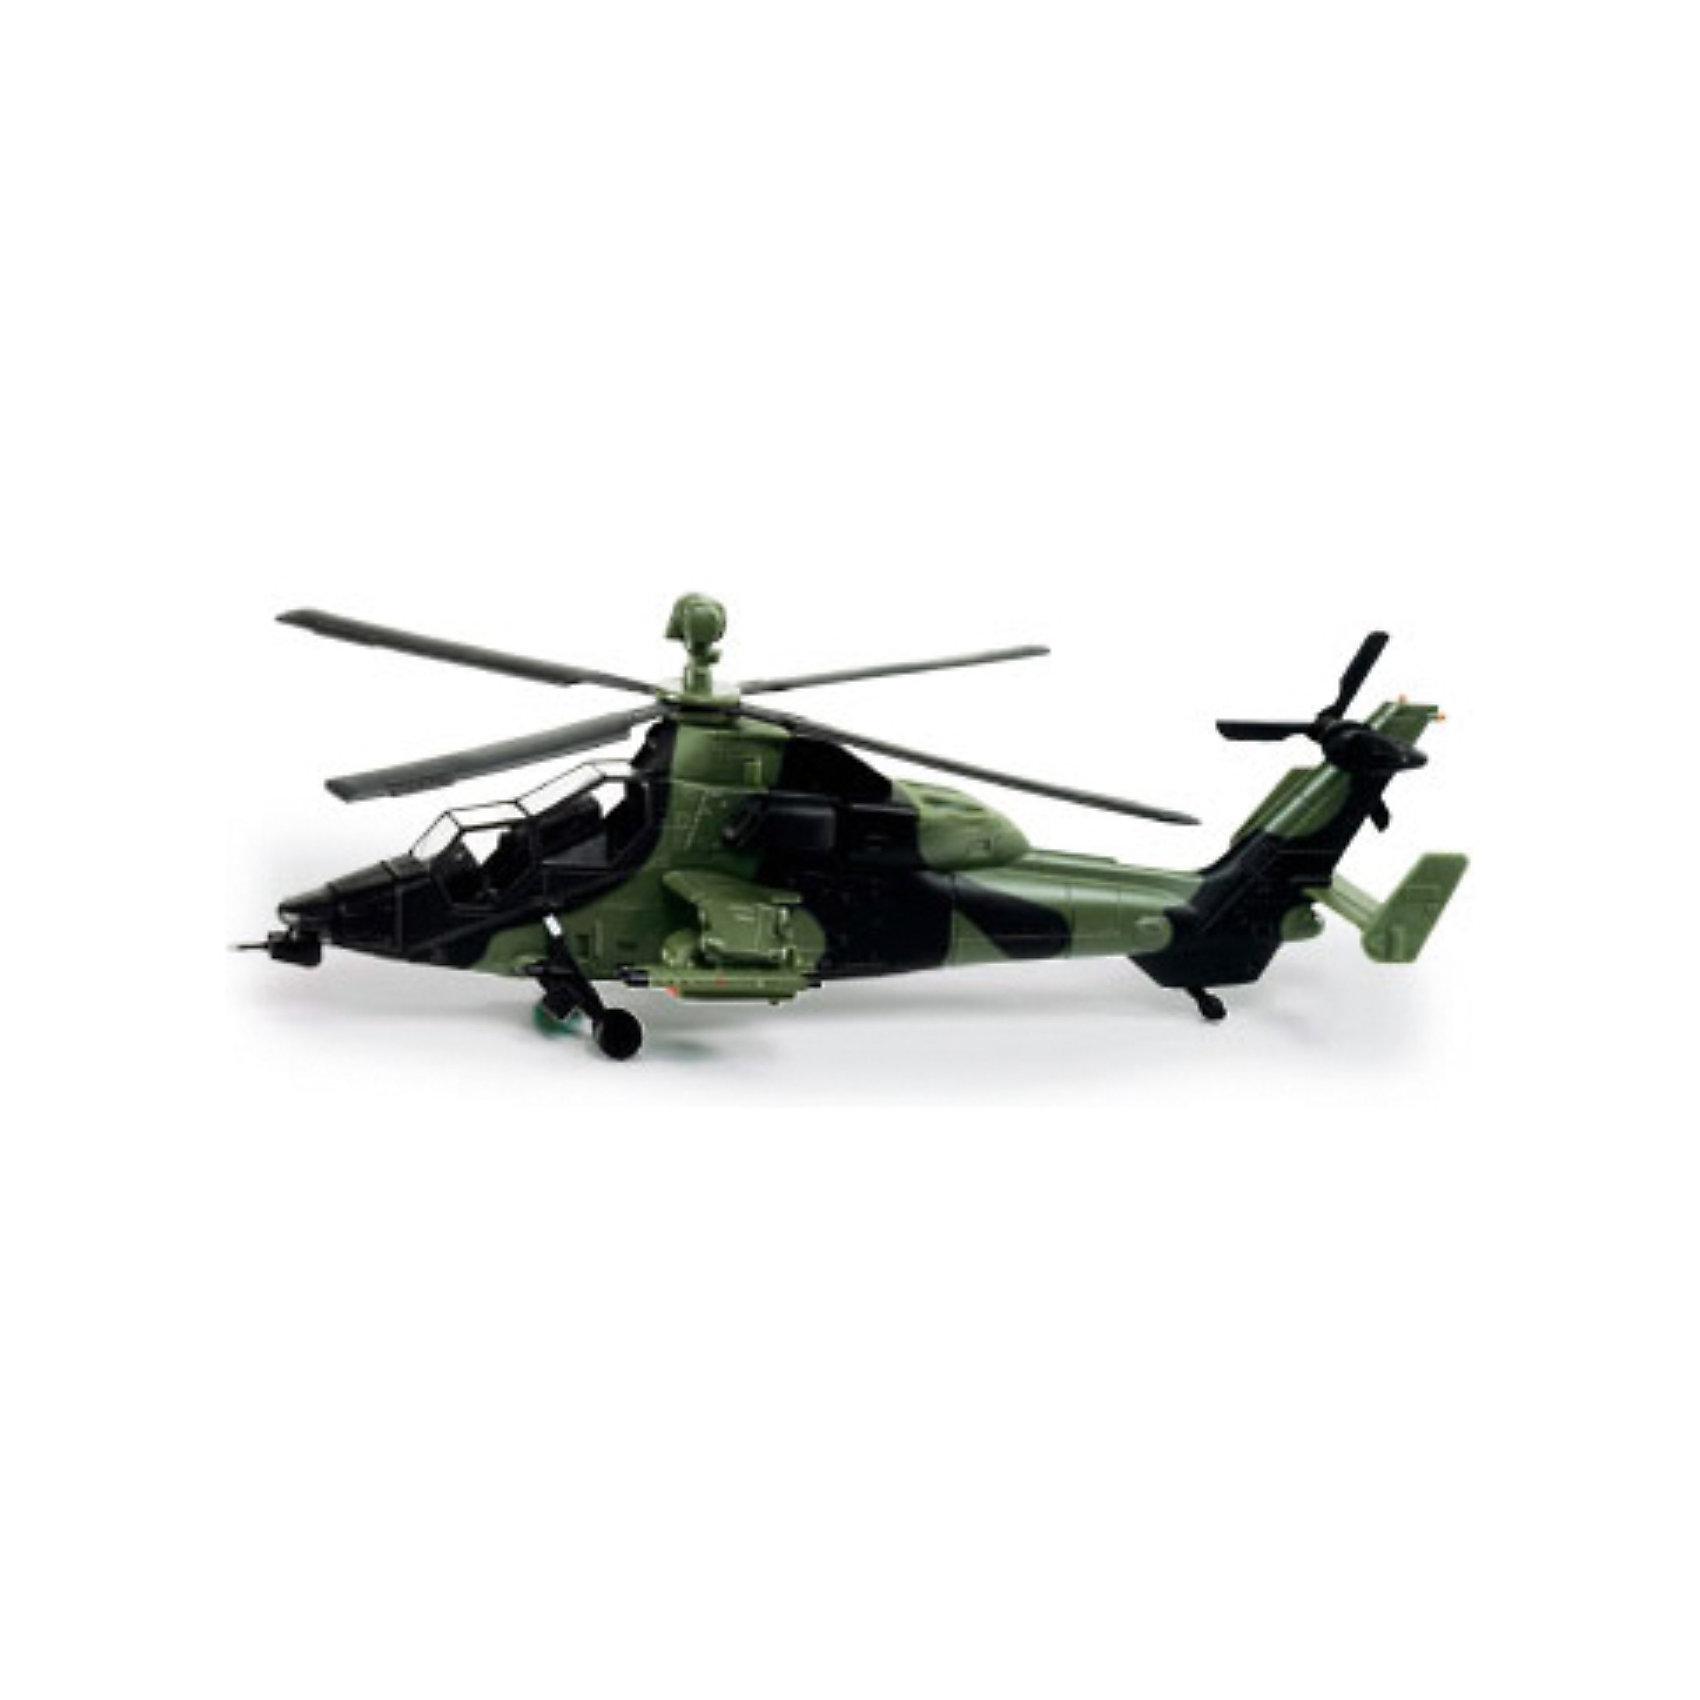 SIKU SIKU 4912 Вертолет 1:50 автомобиль siku бугатти eb 16 4 1 55 красный 1305